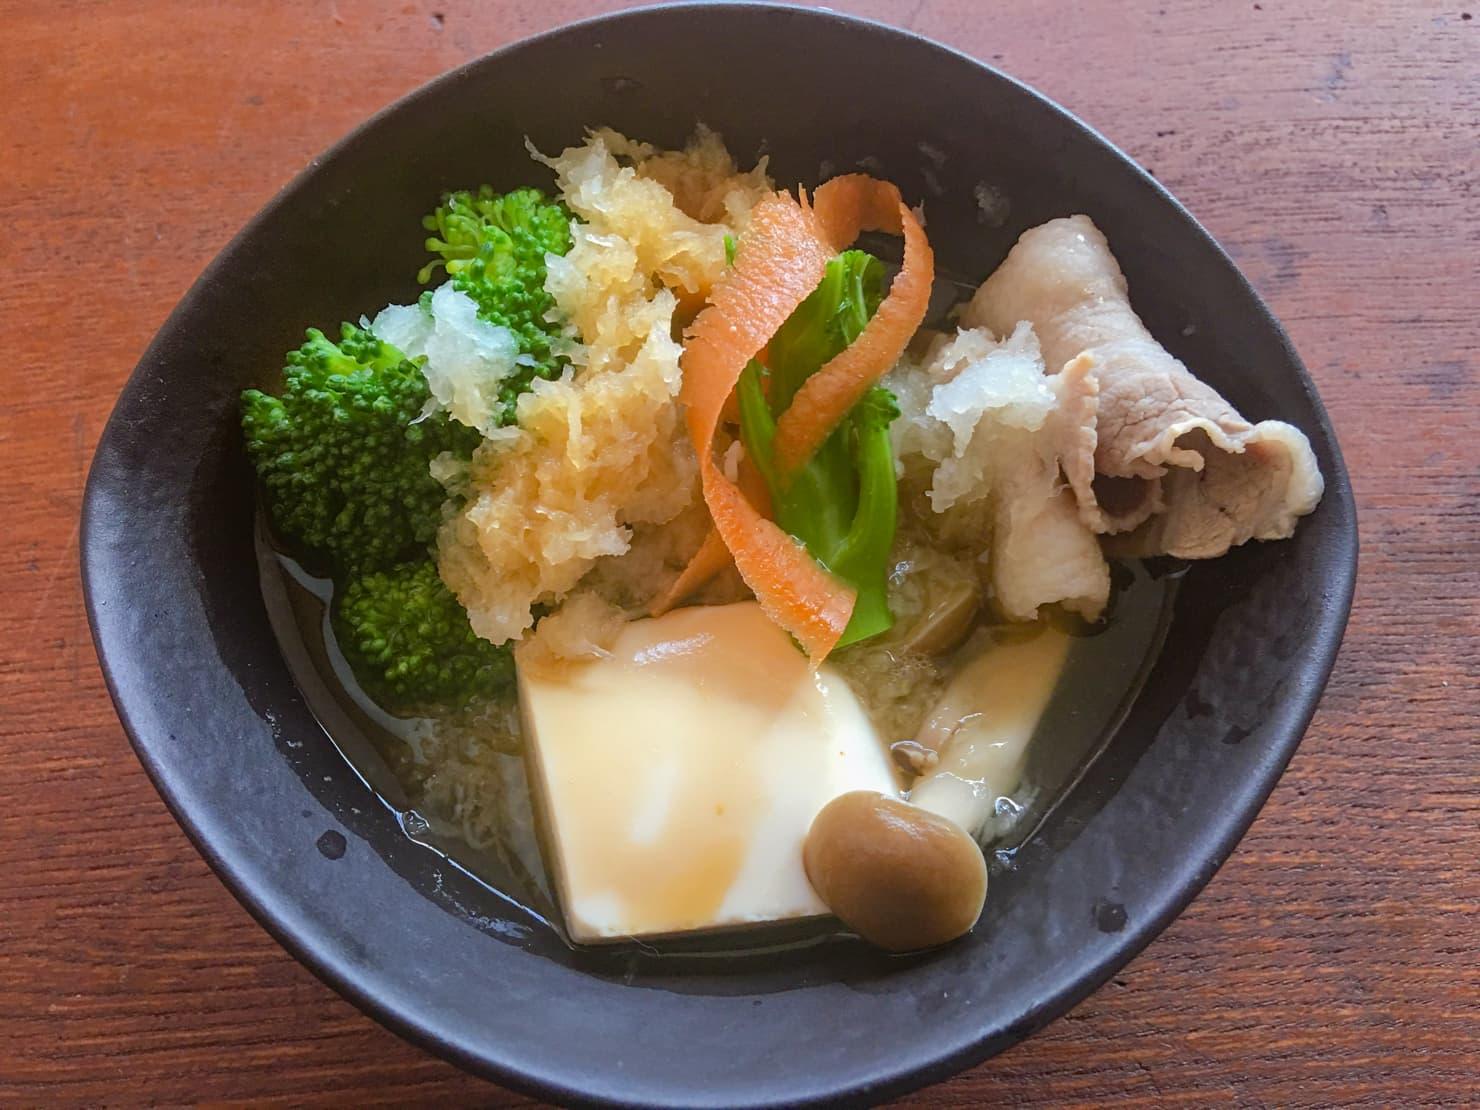 ブロッコリーの鍋の写真